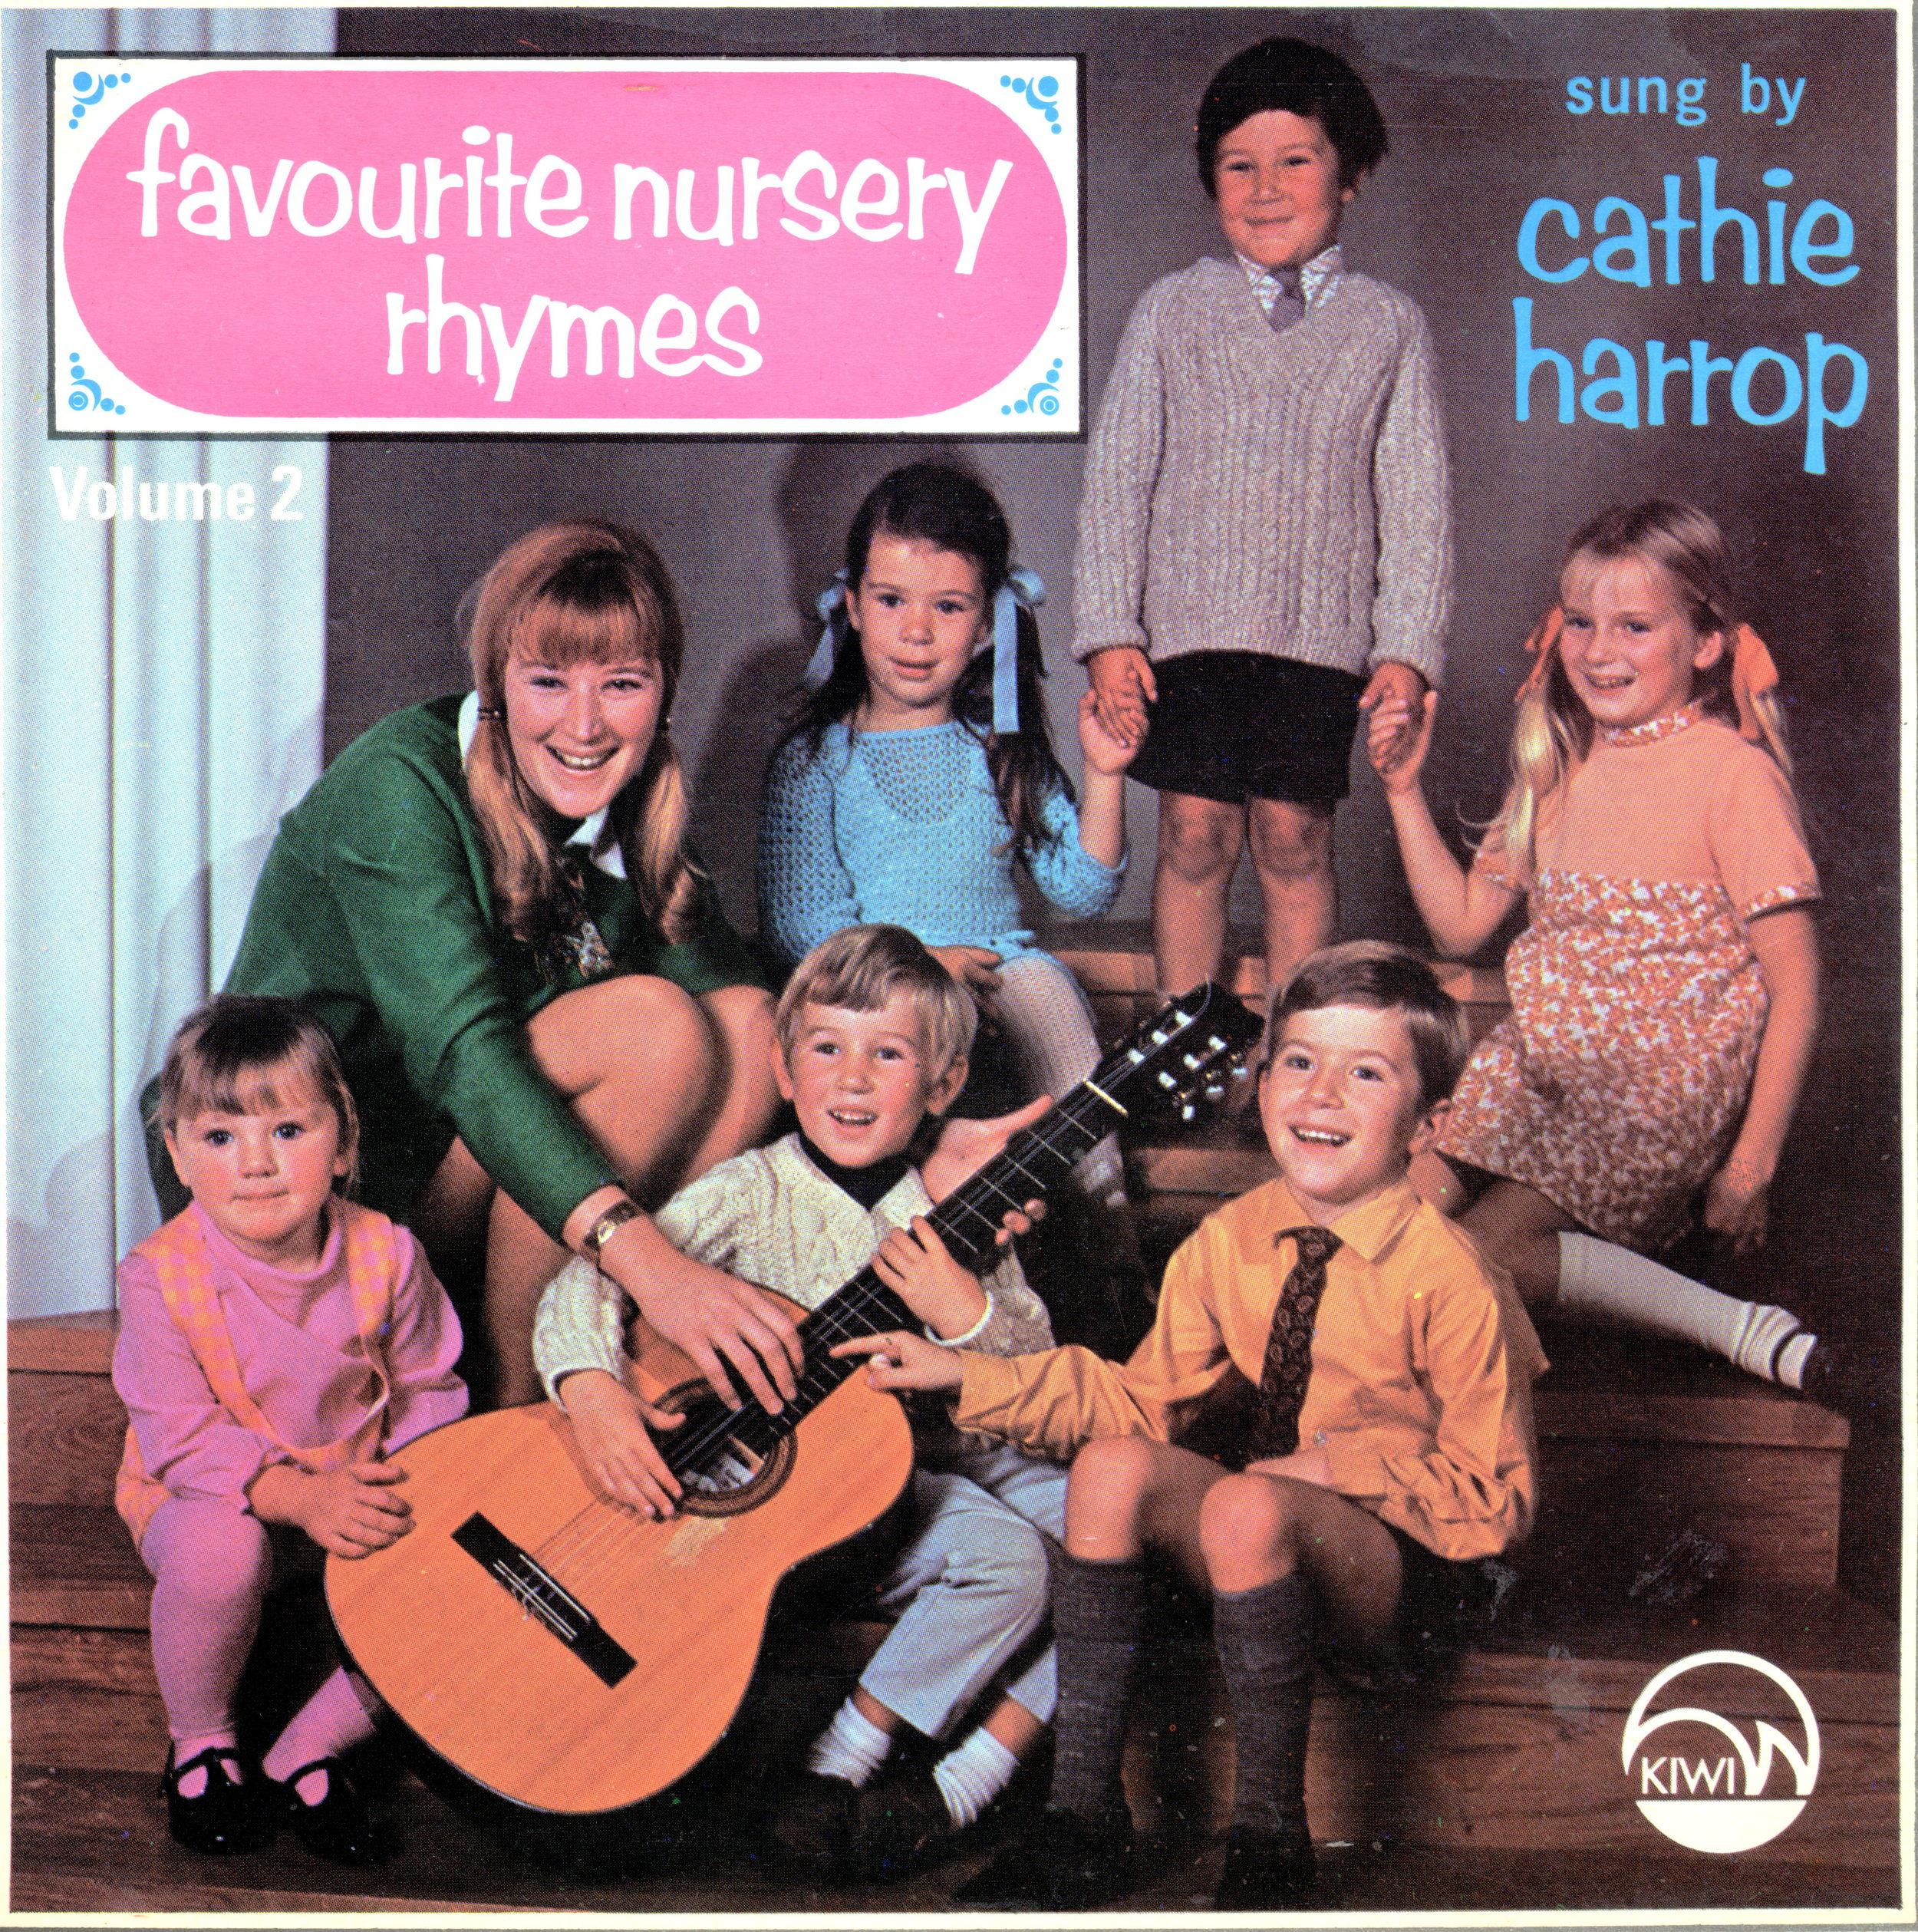 Favourite Nursery Rhymes Vol. 2 Cathie Harrop